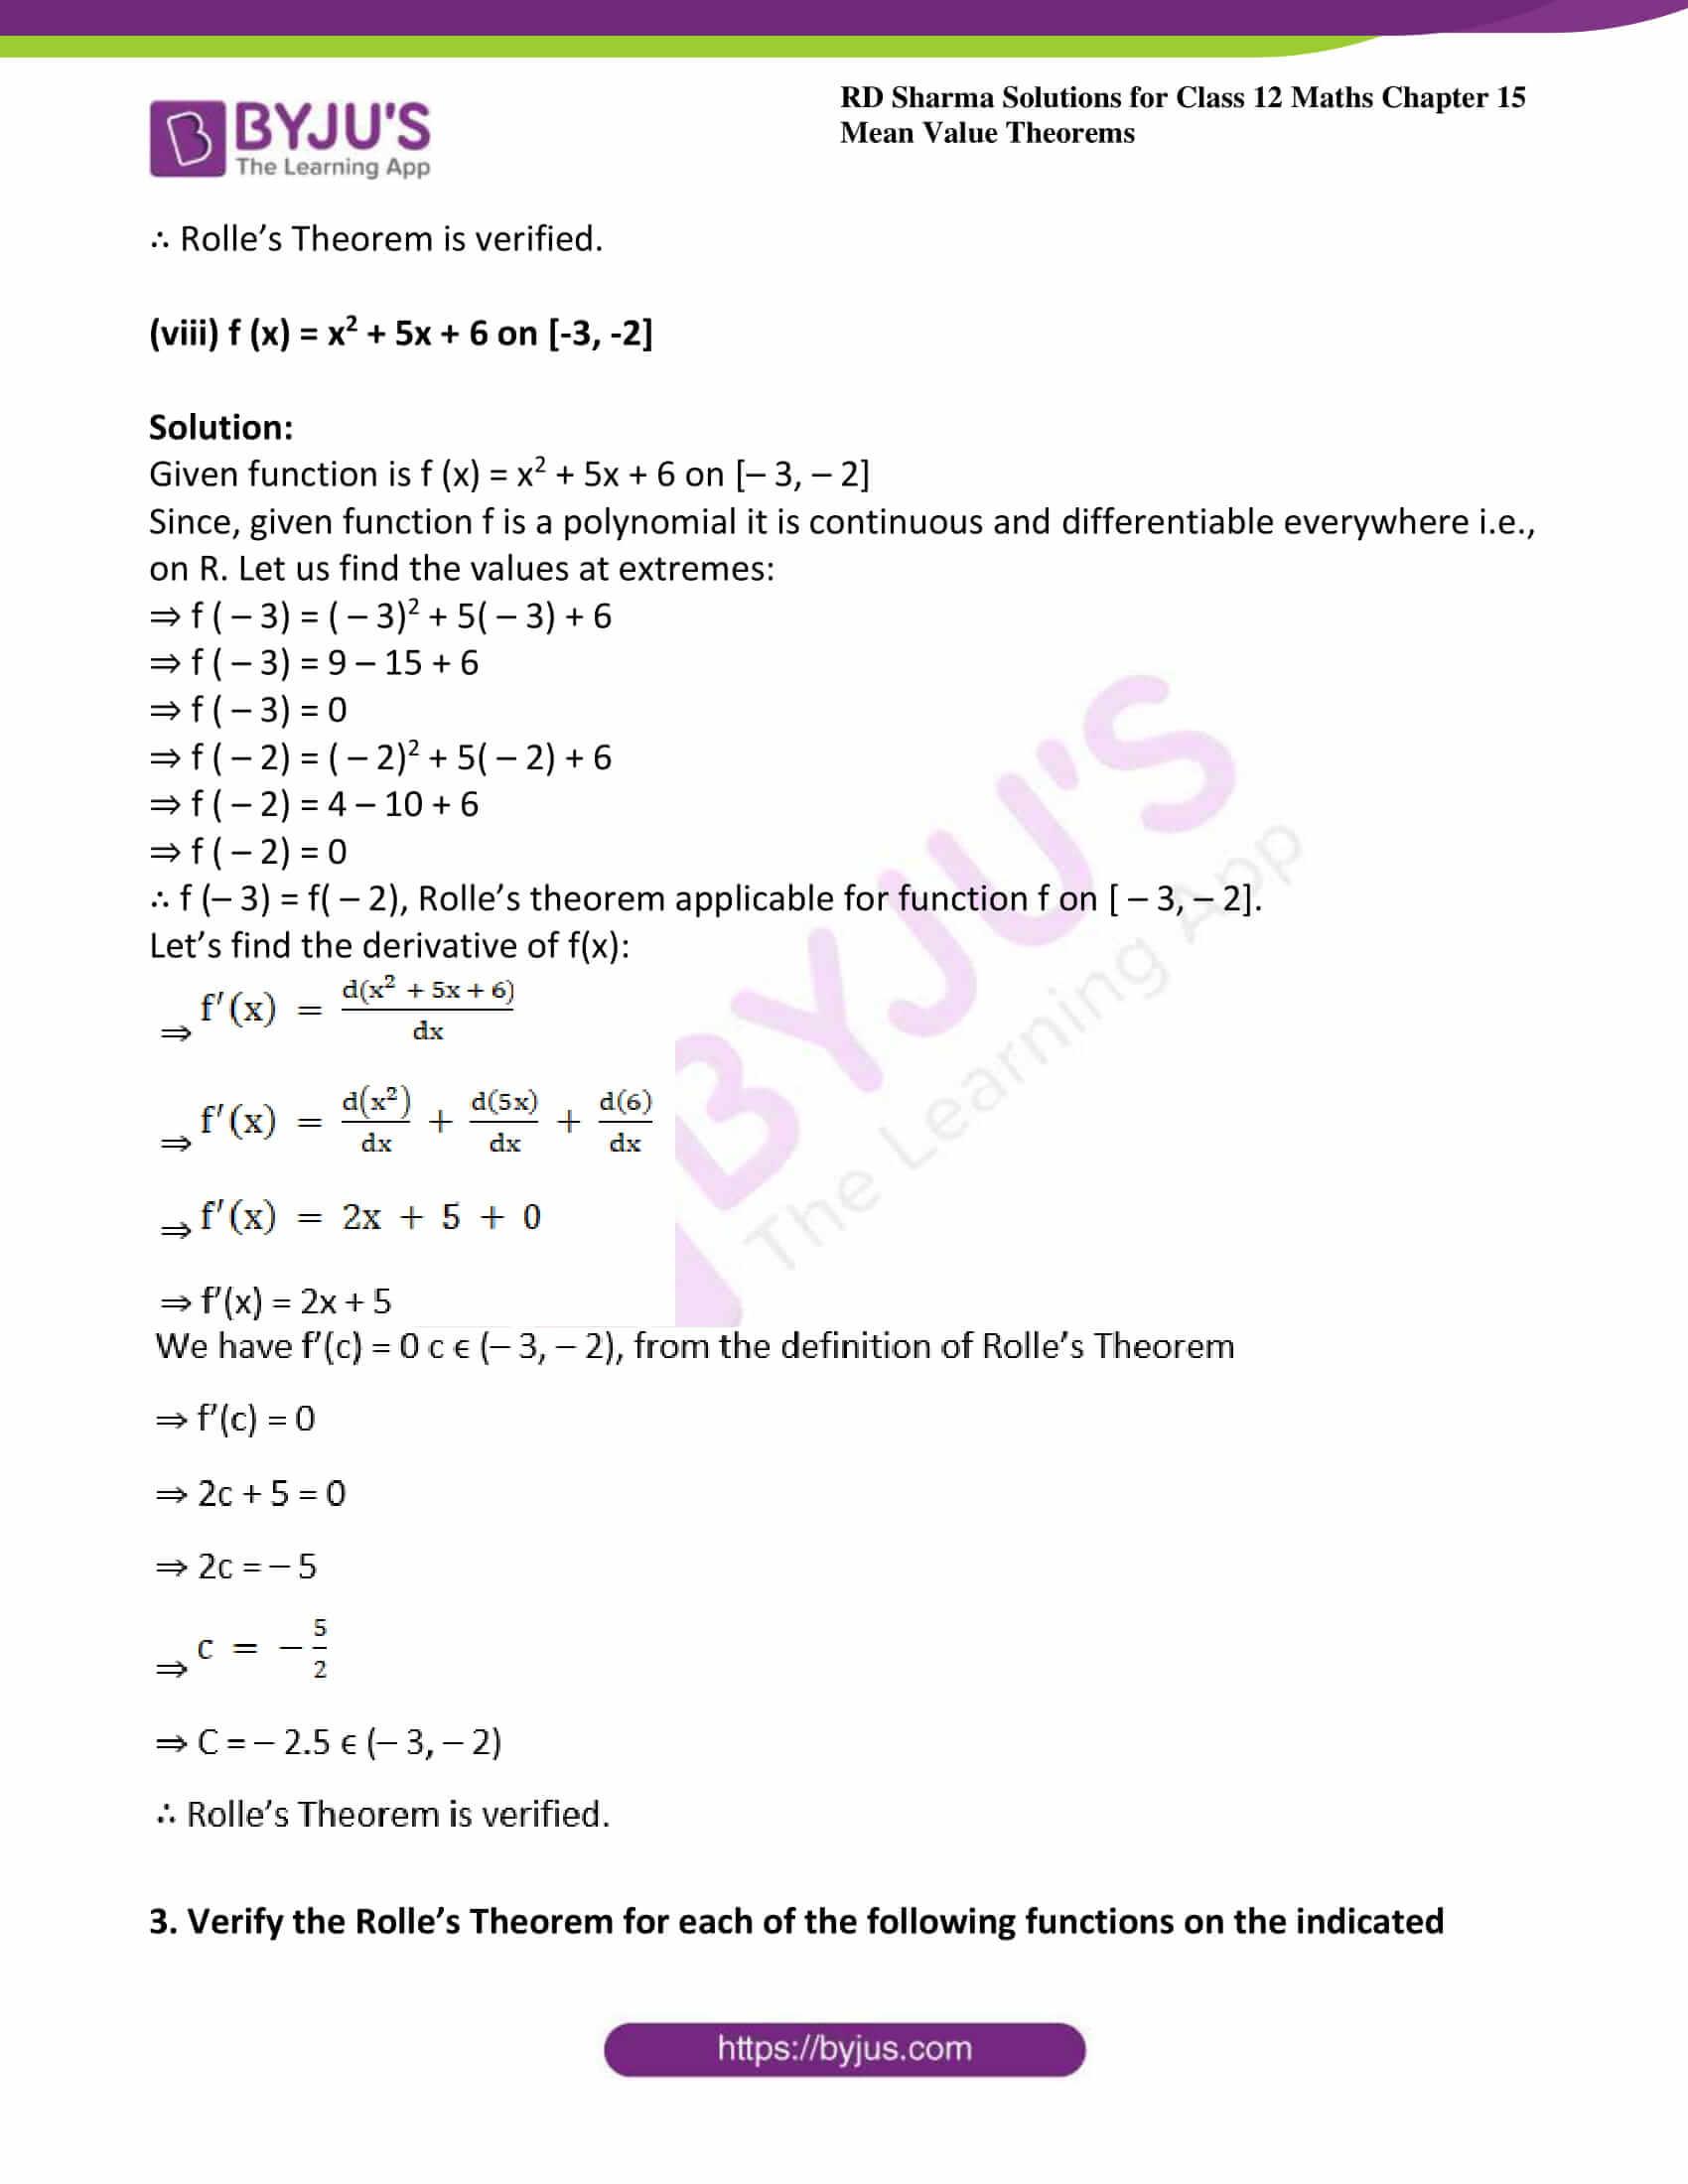 rd sharma class 12 maths solutions chapter 15 ex 1 14